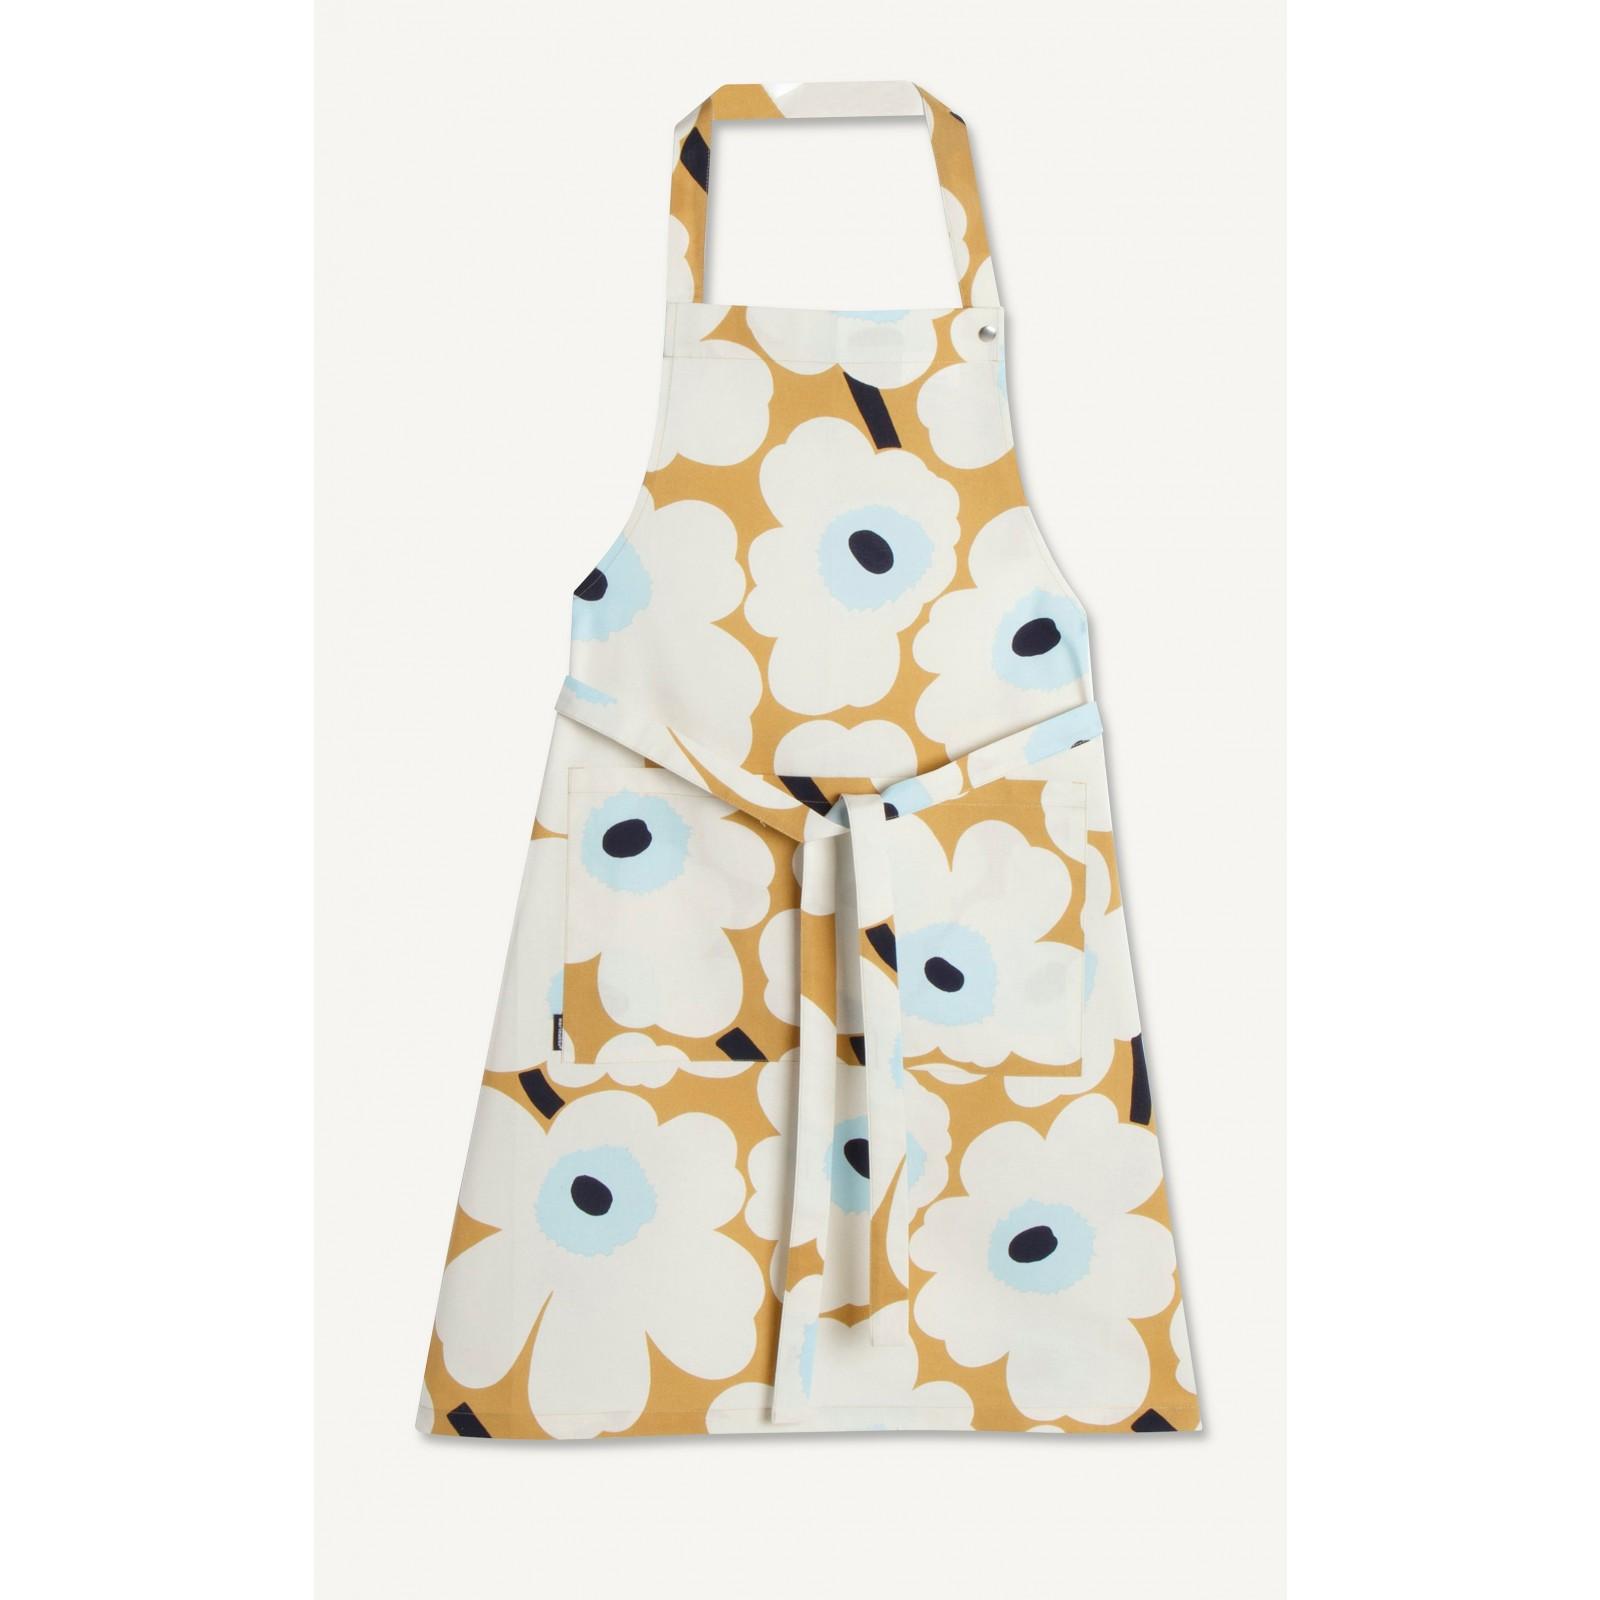 Tablier Pieni Unikko apron * Marimekko